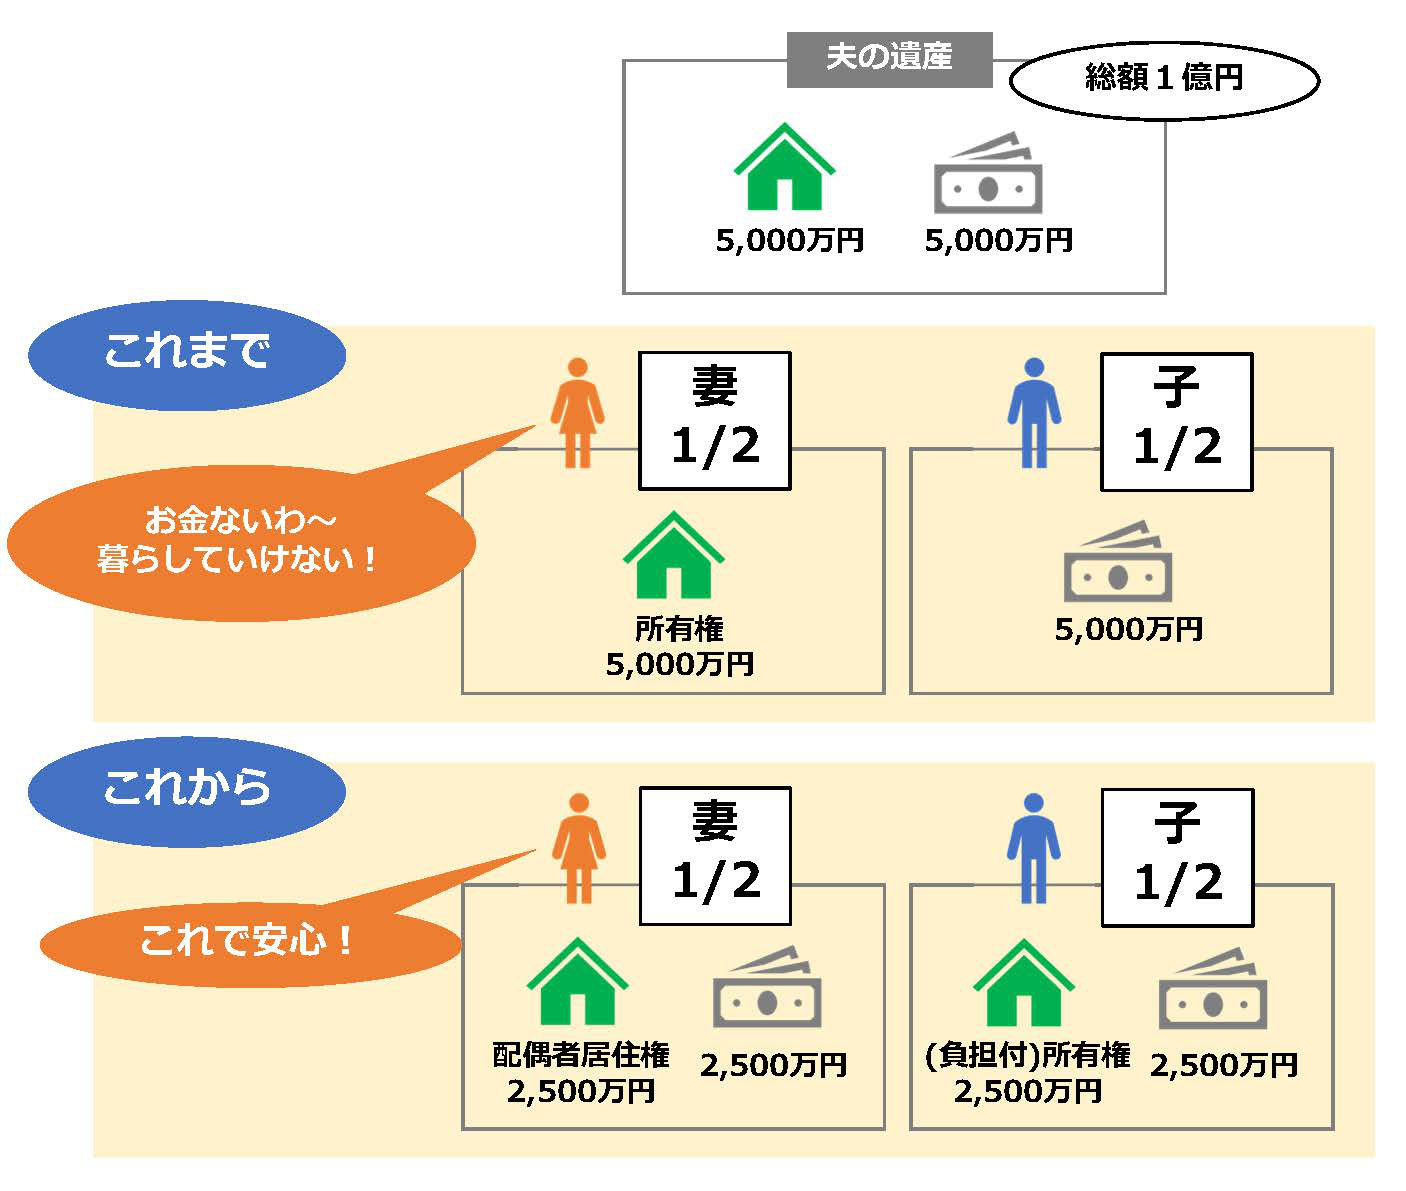 土地 遺産 相続 相続手続きにおける土地の価格(遺産分割編)